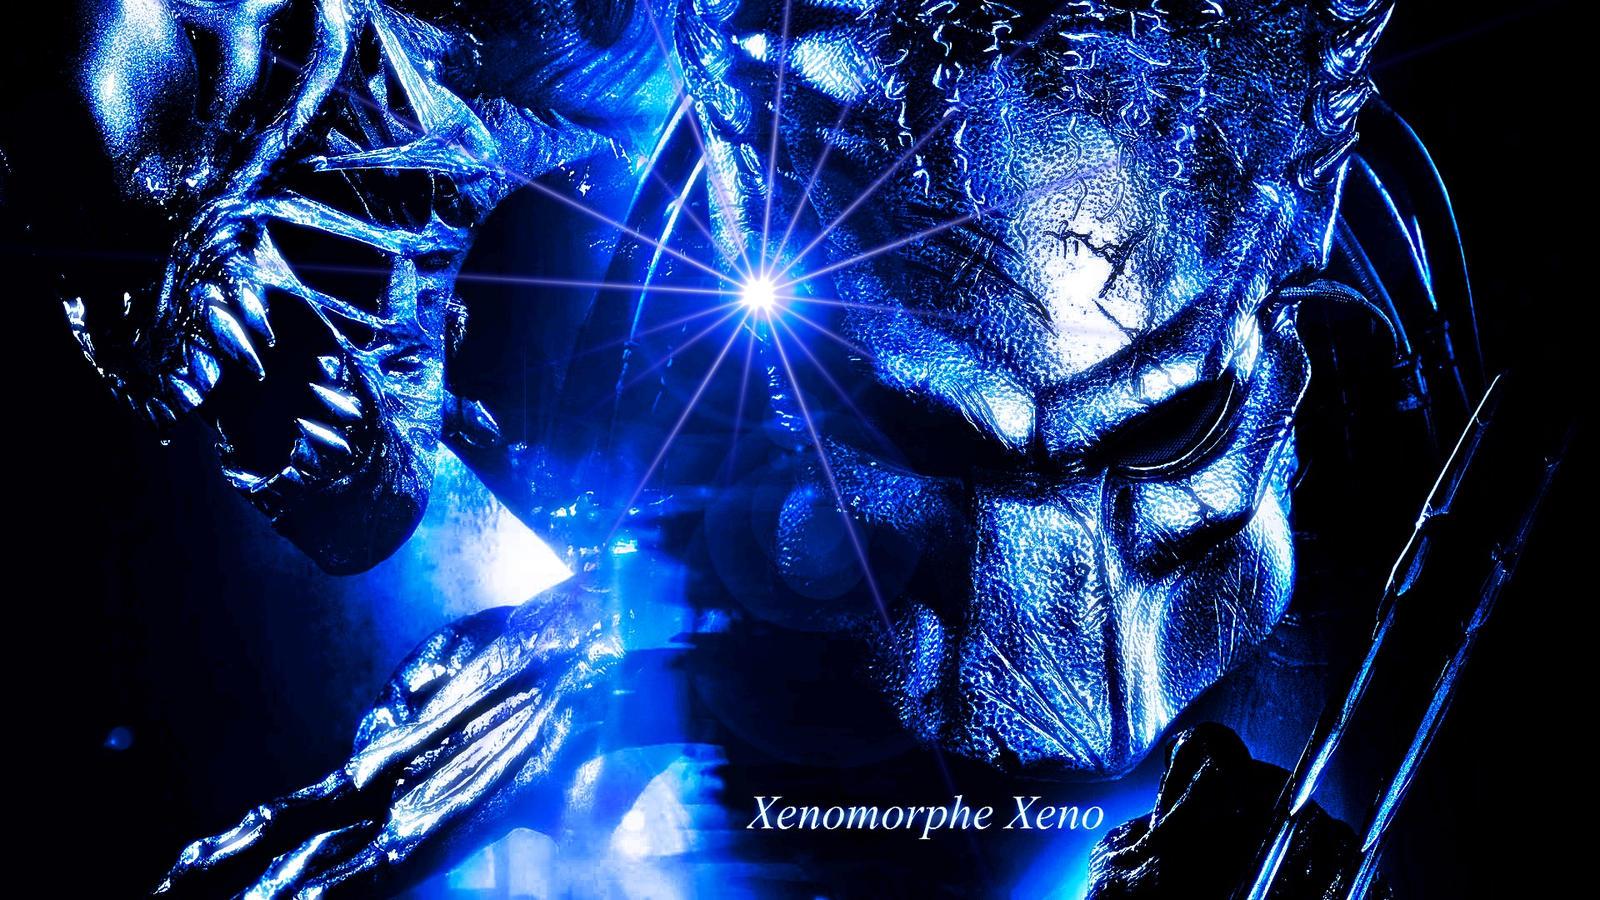 aliens vs predator requiem xenomorphe xeno iixenomorphe-xeno on